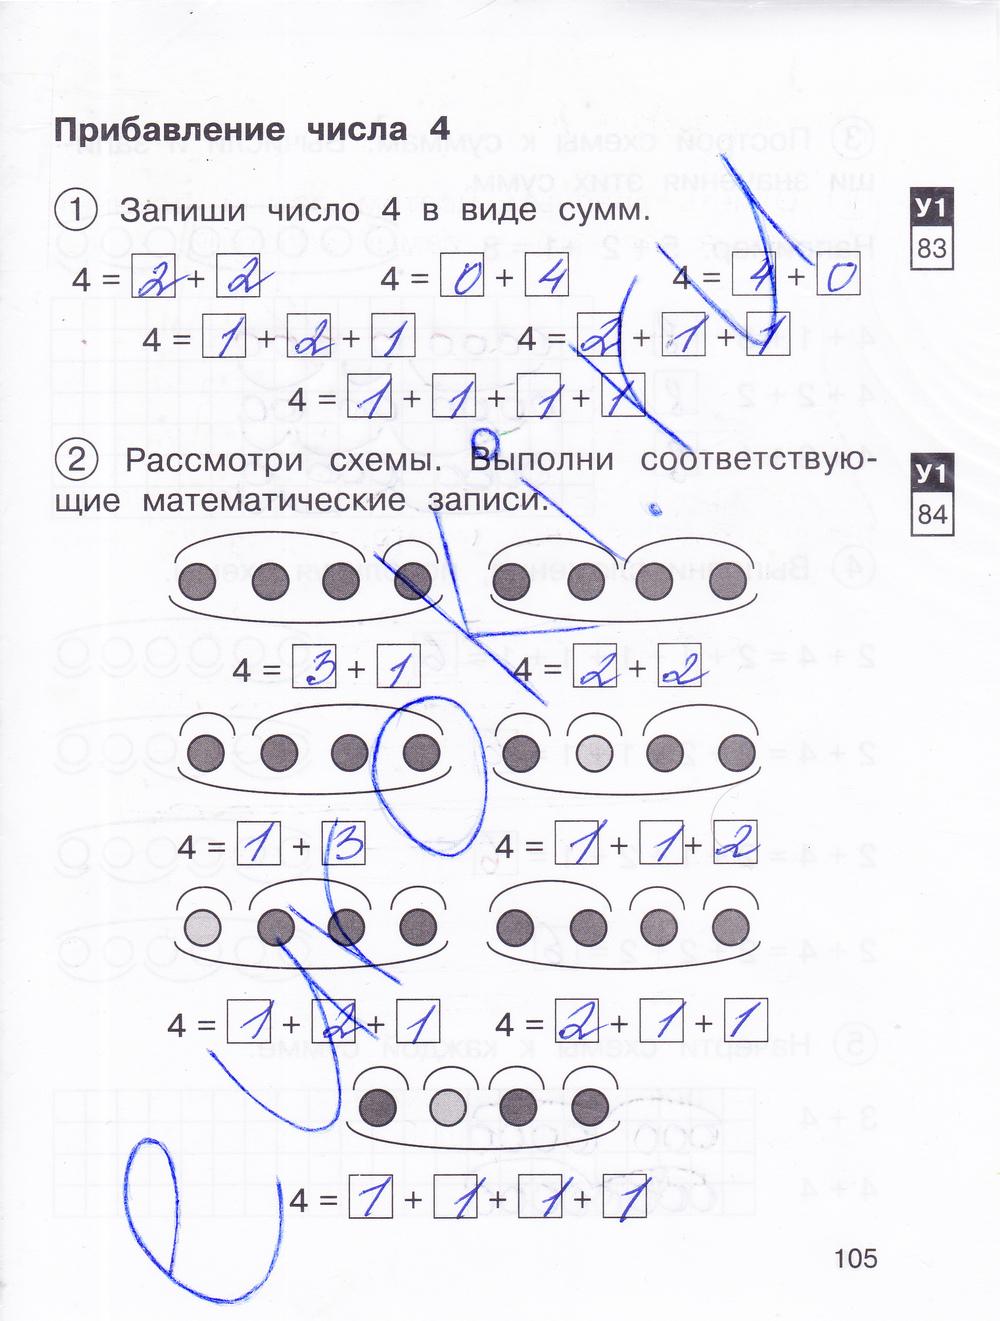 ГДЗ по математике 1 класс рабочая тетрадь Захарова, Юдина Часть 1, 2. Задание: стр. 105